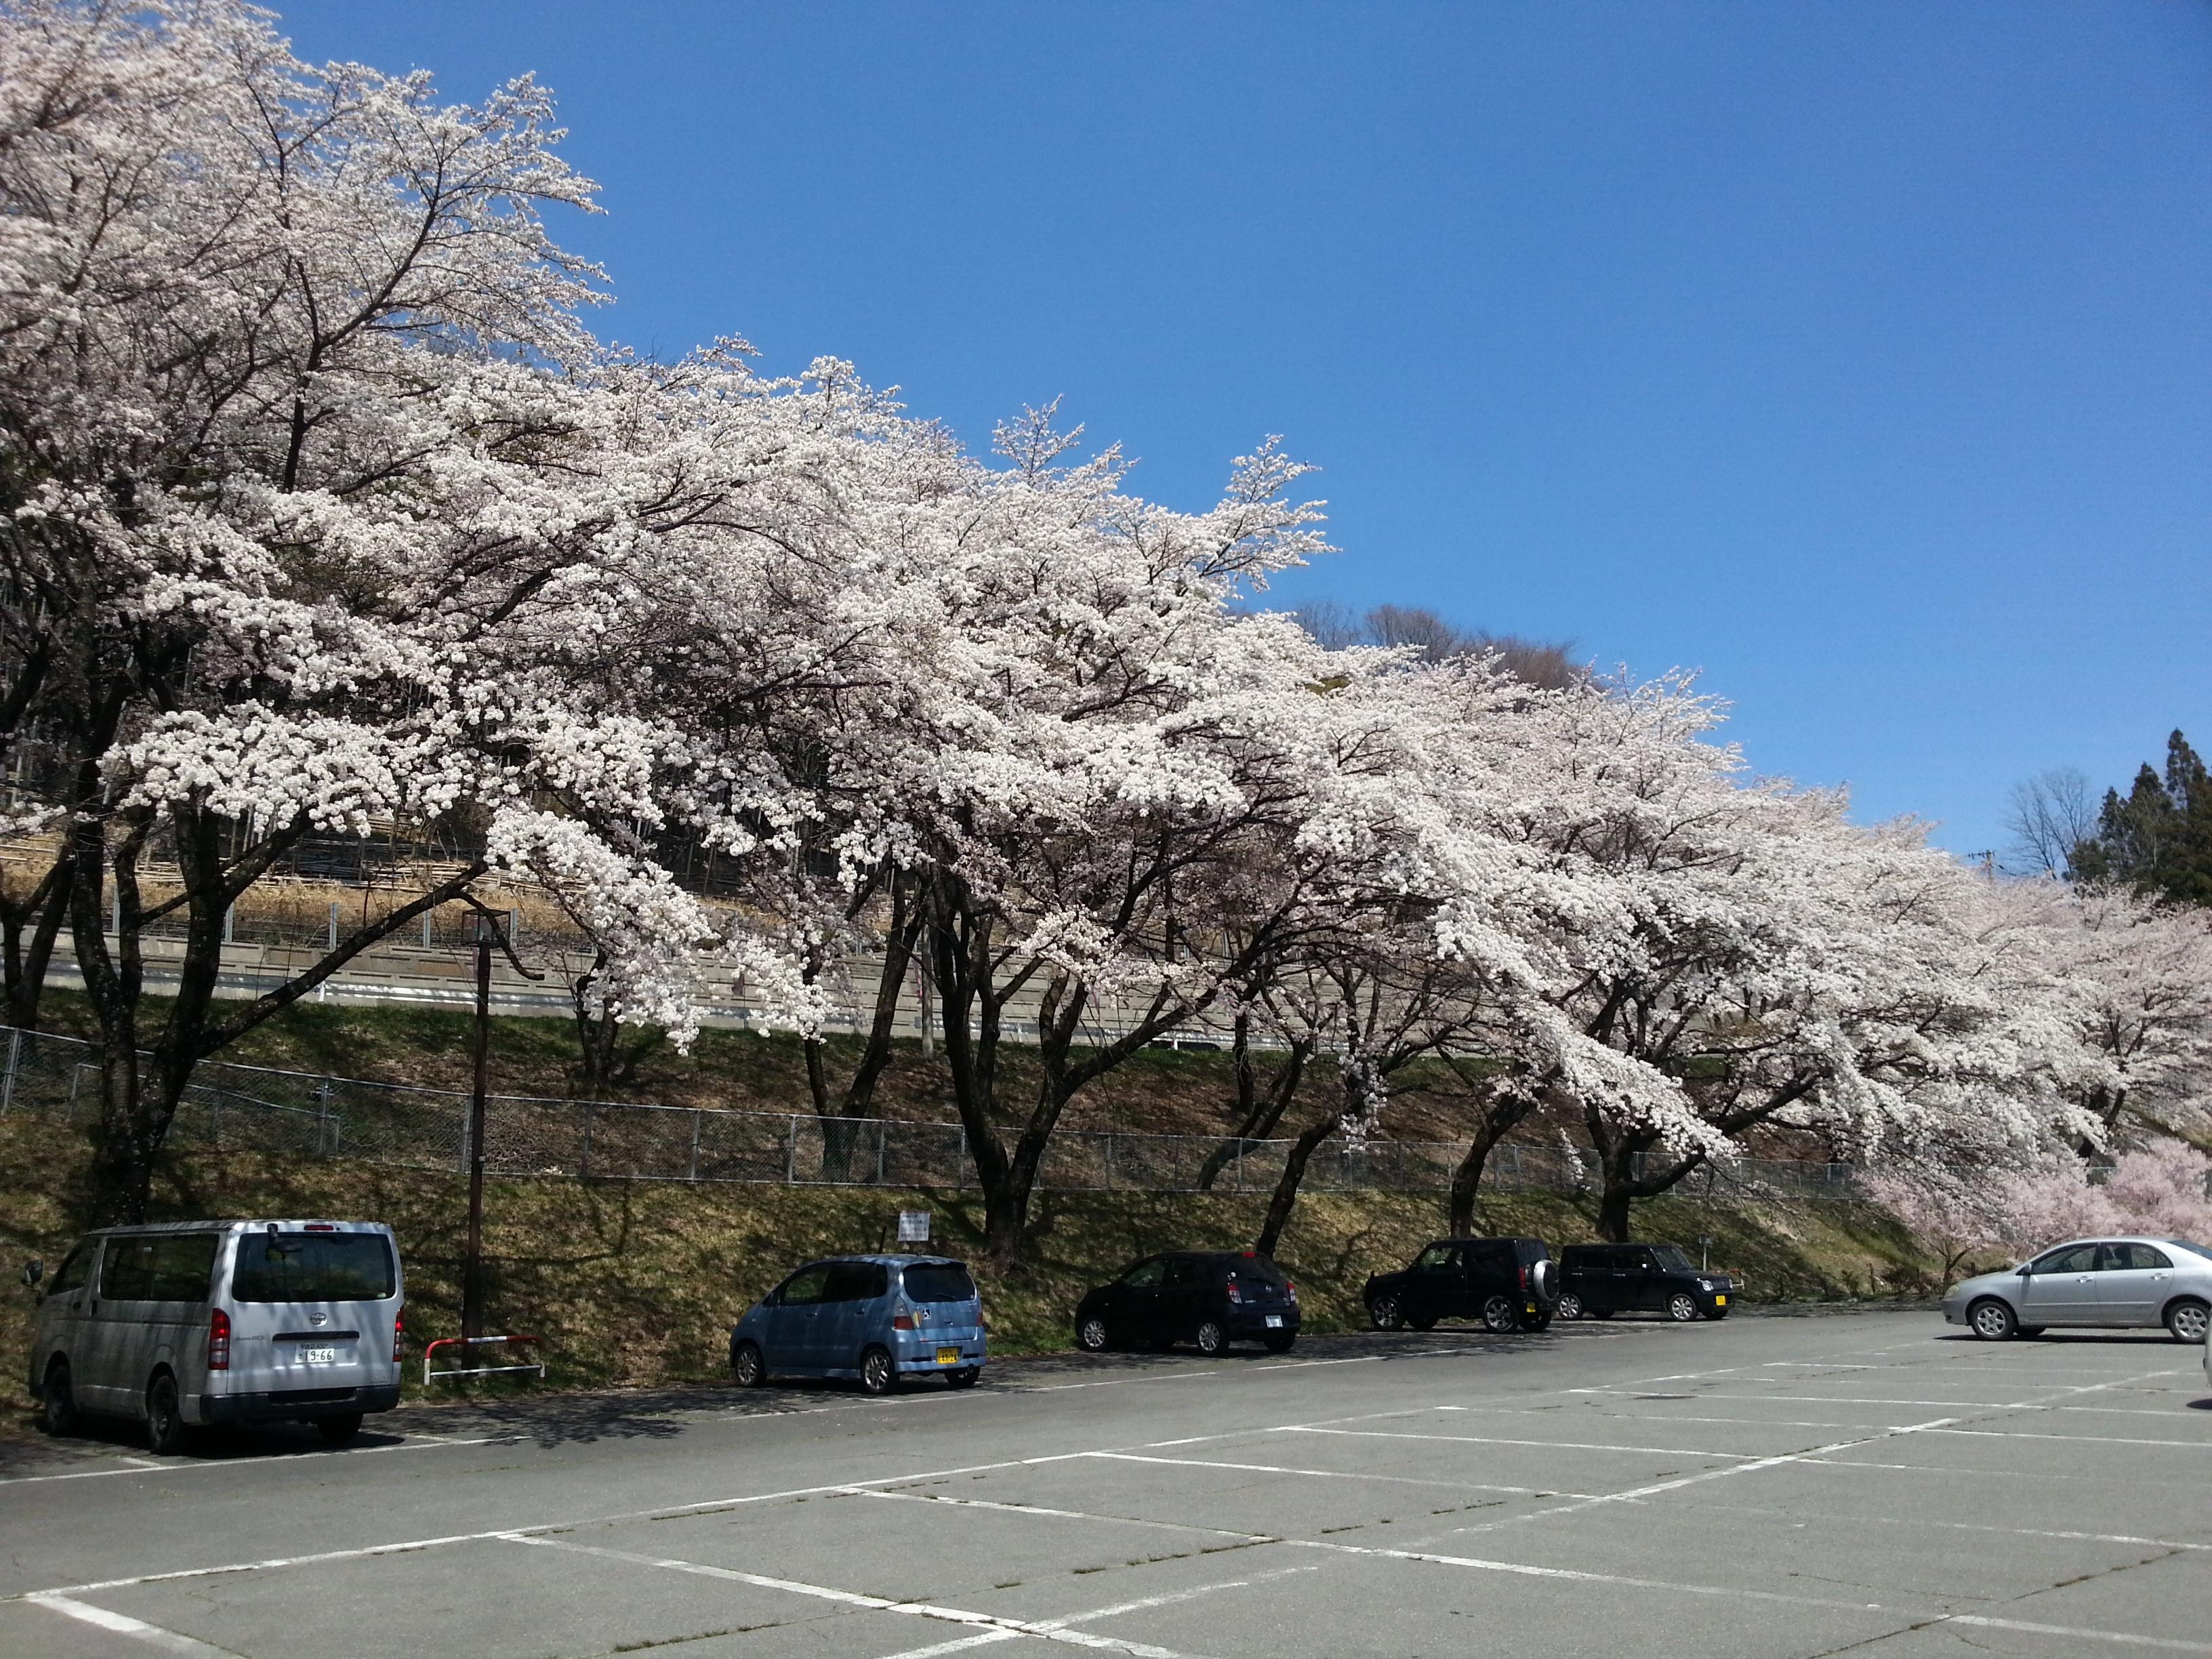 与田切公園1 2014.4.14.jpg